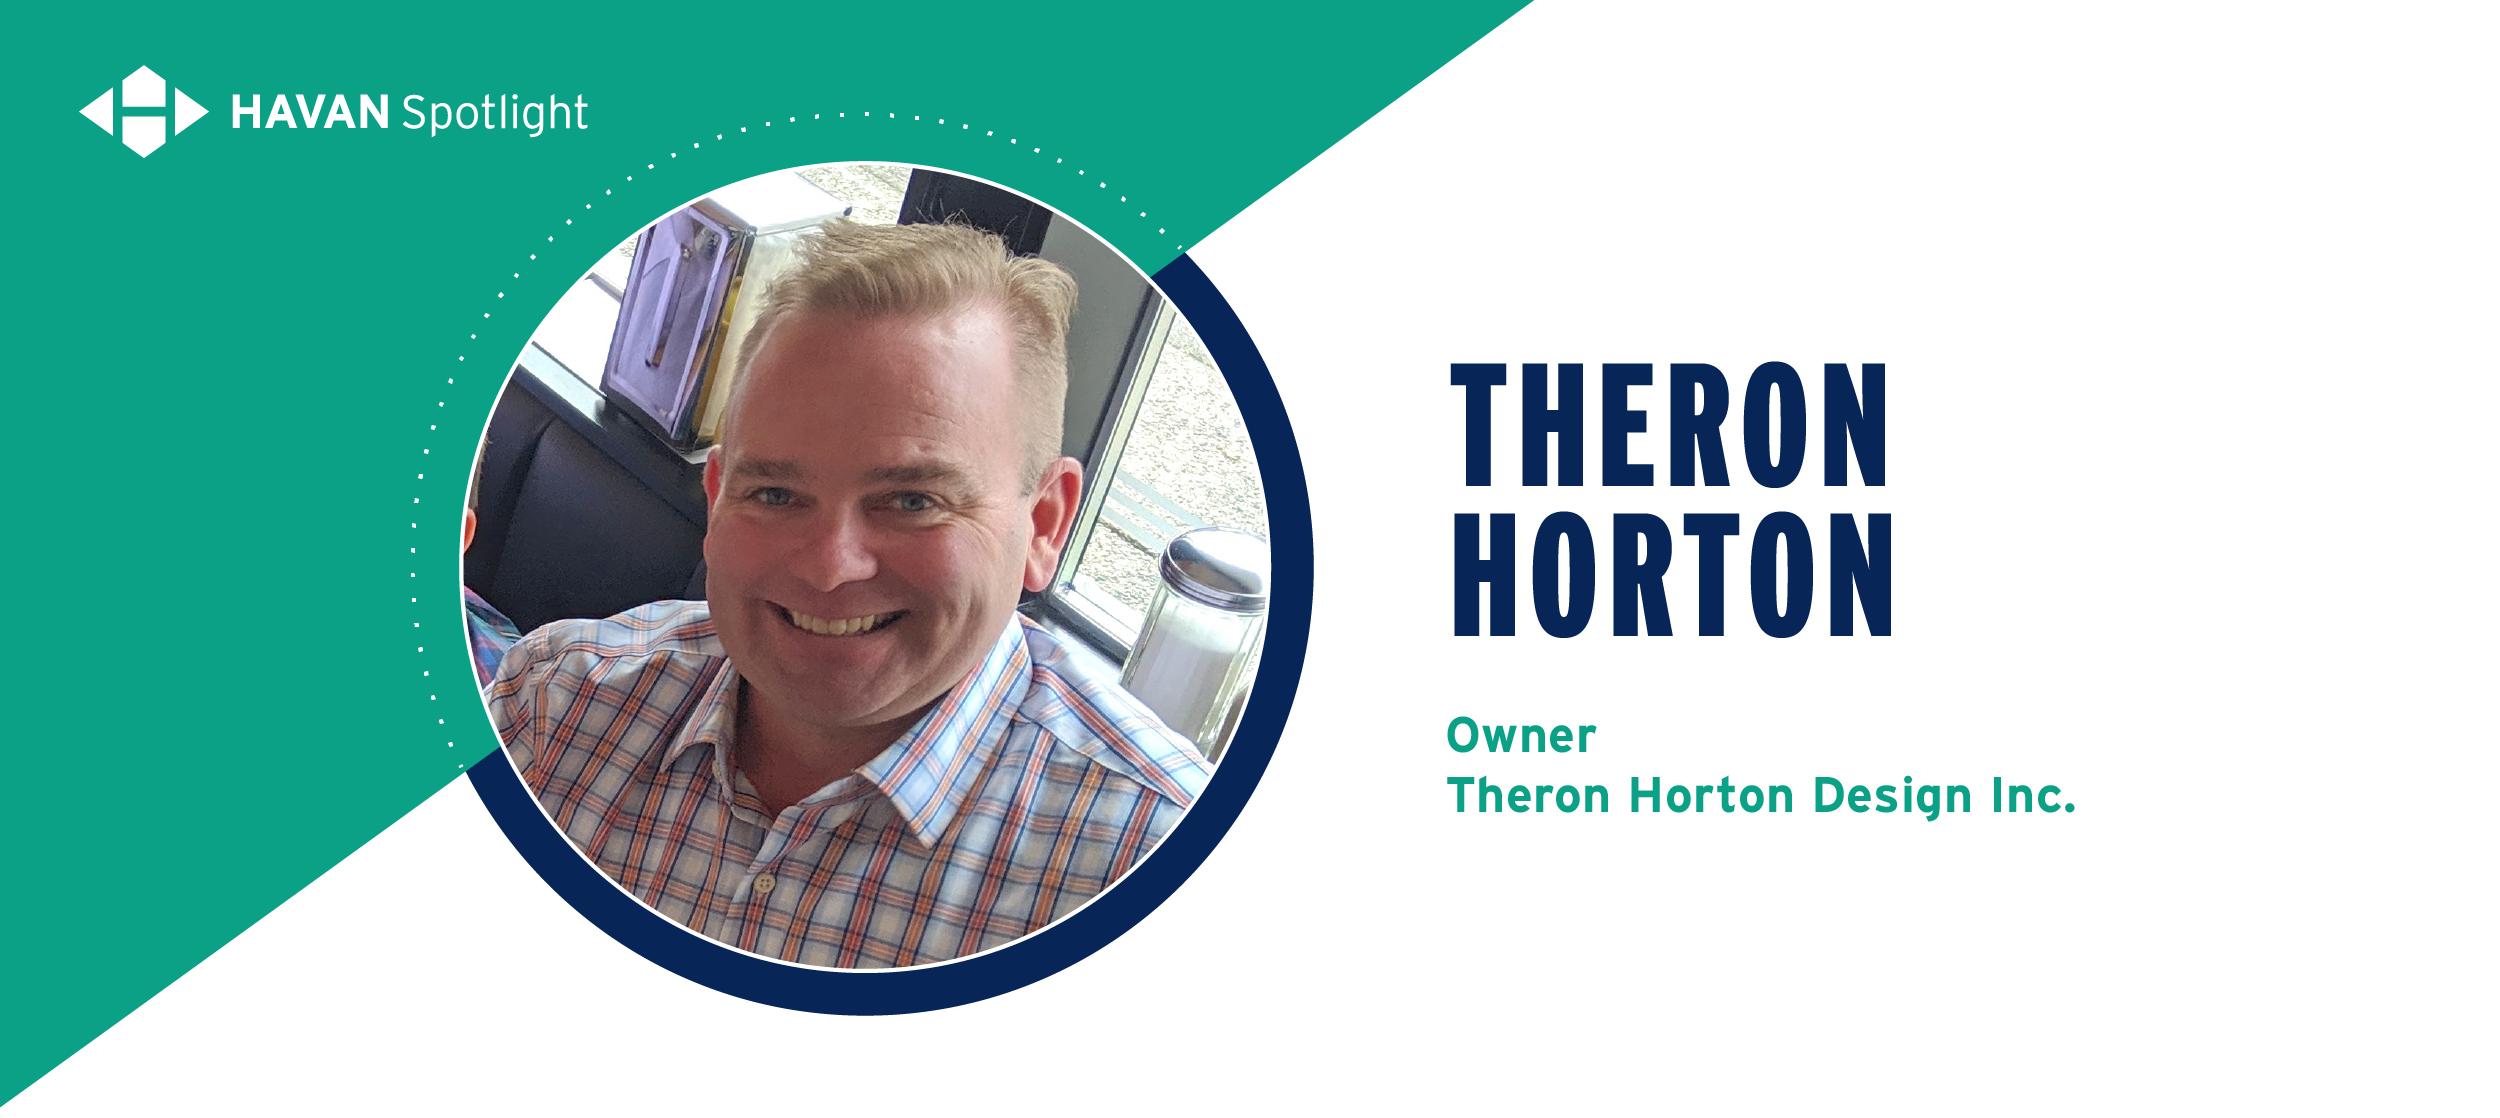 Theron Horton Design